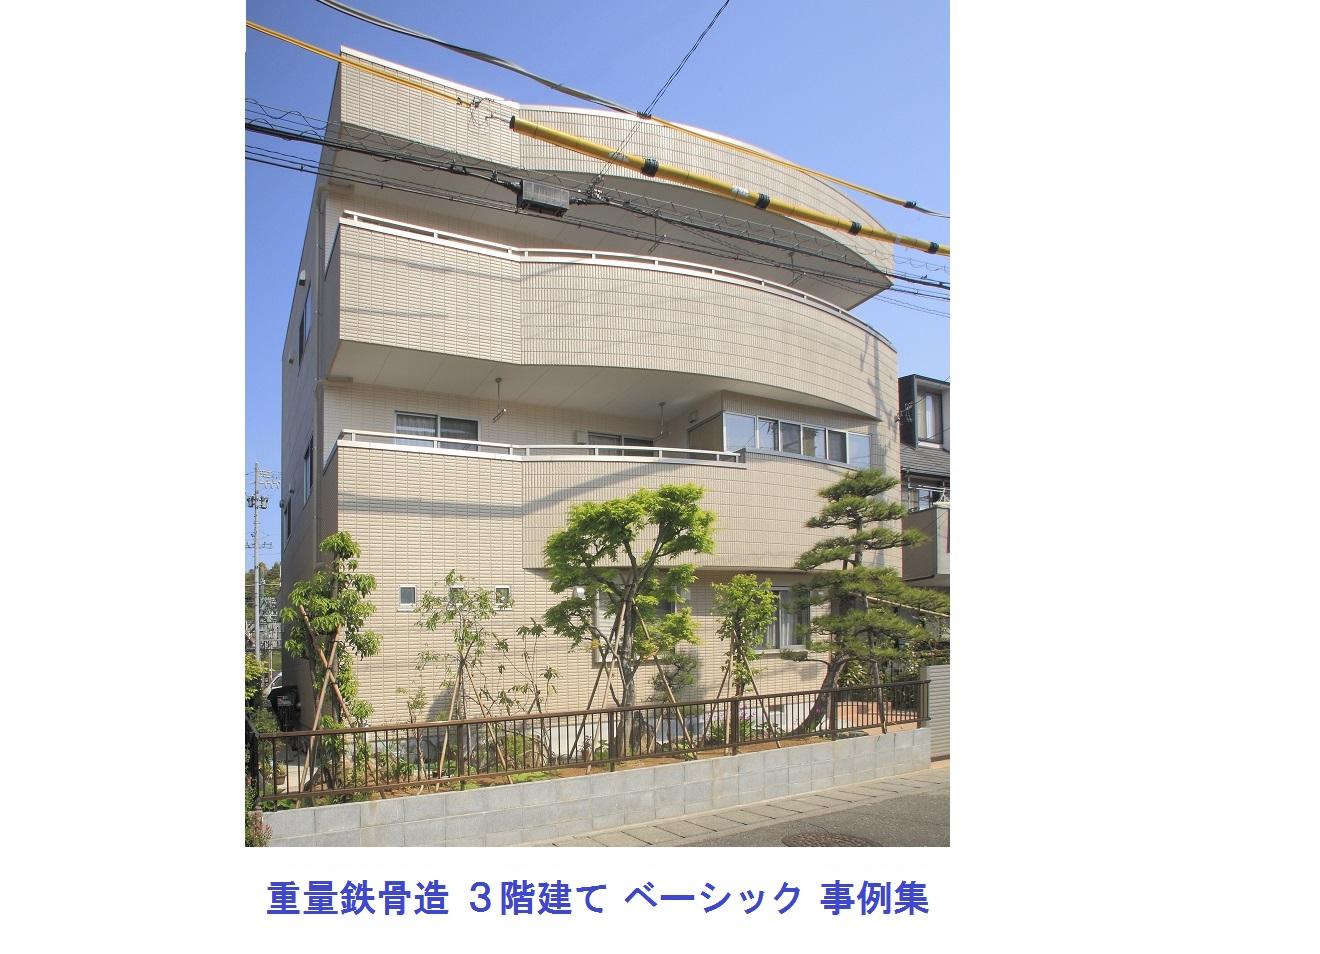 家族を守る耐震重量鉄骨3階建の事例集